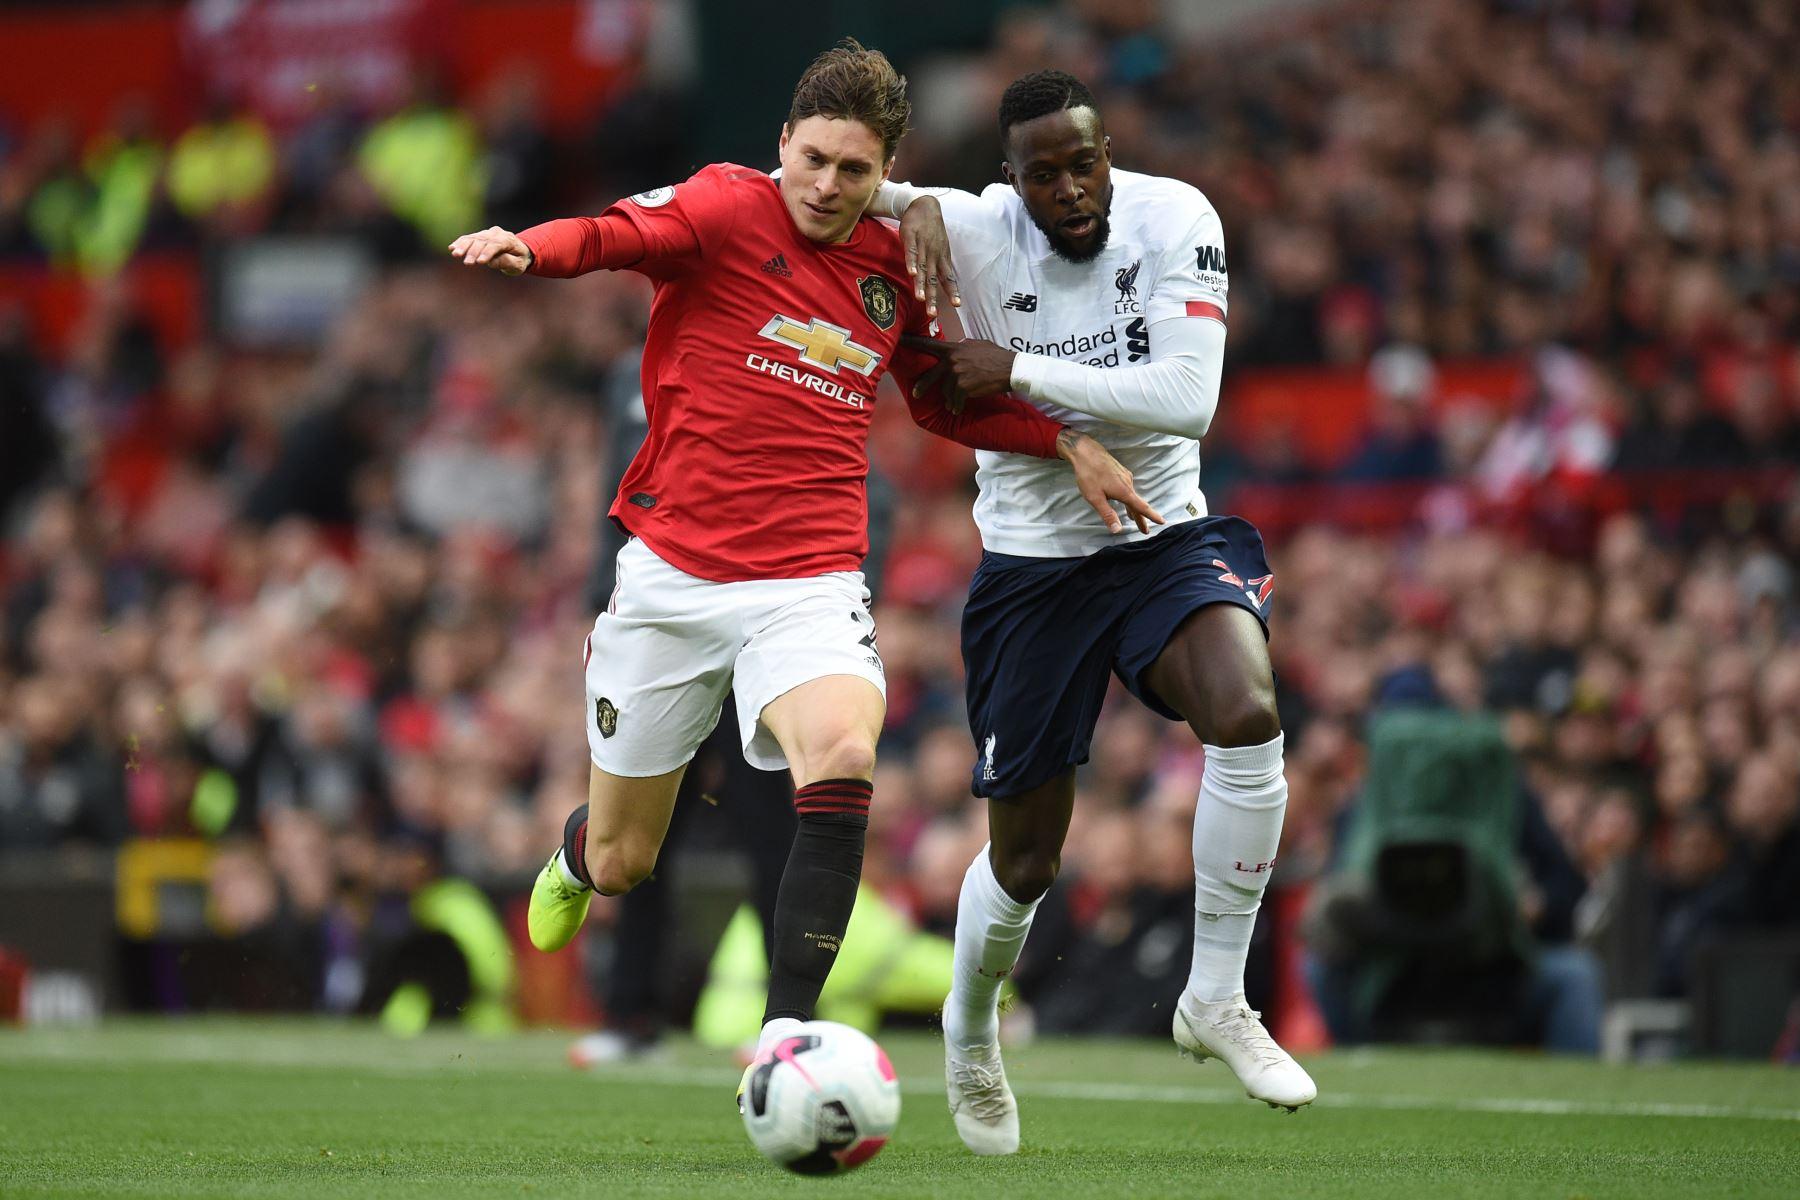 El defensor sueco del Manchester United, Victor Lindelof, compite con el delantero belga del Liverpool, Divock Origi, en partido por Premier League. Foto: AFP